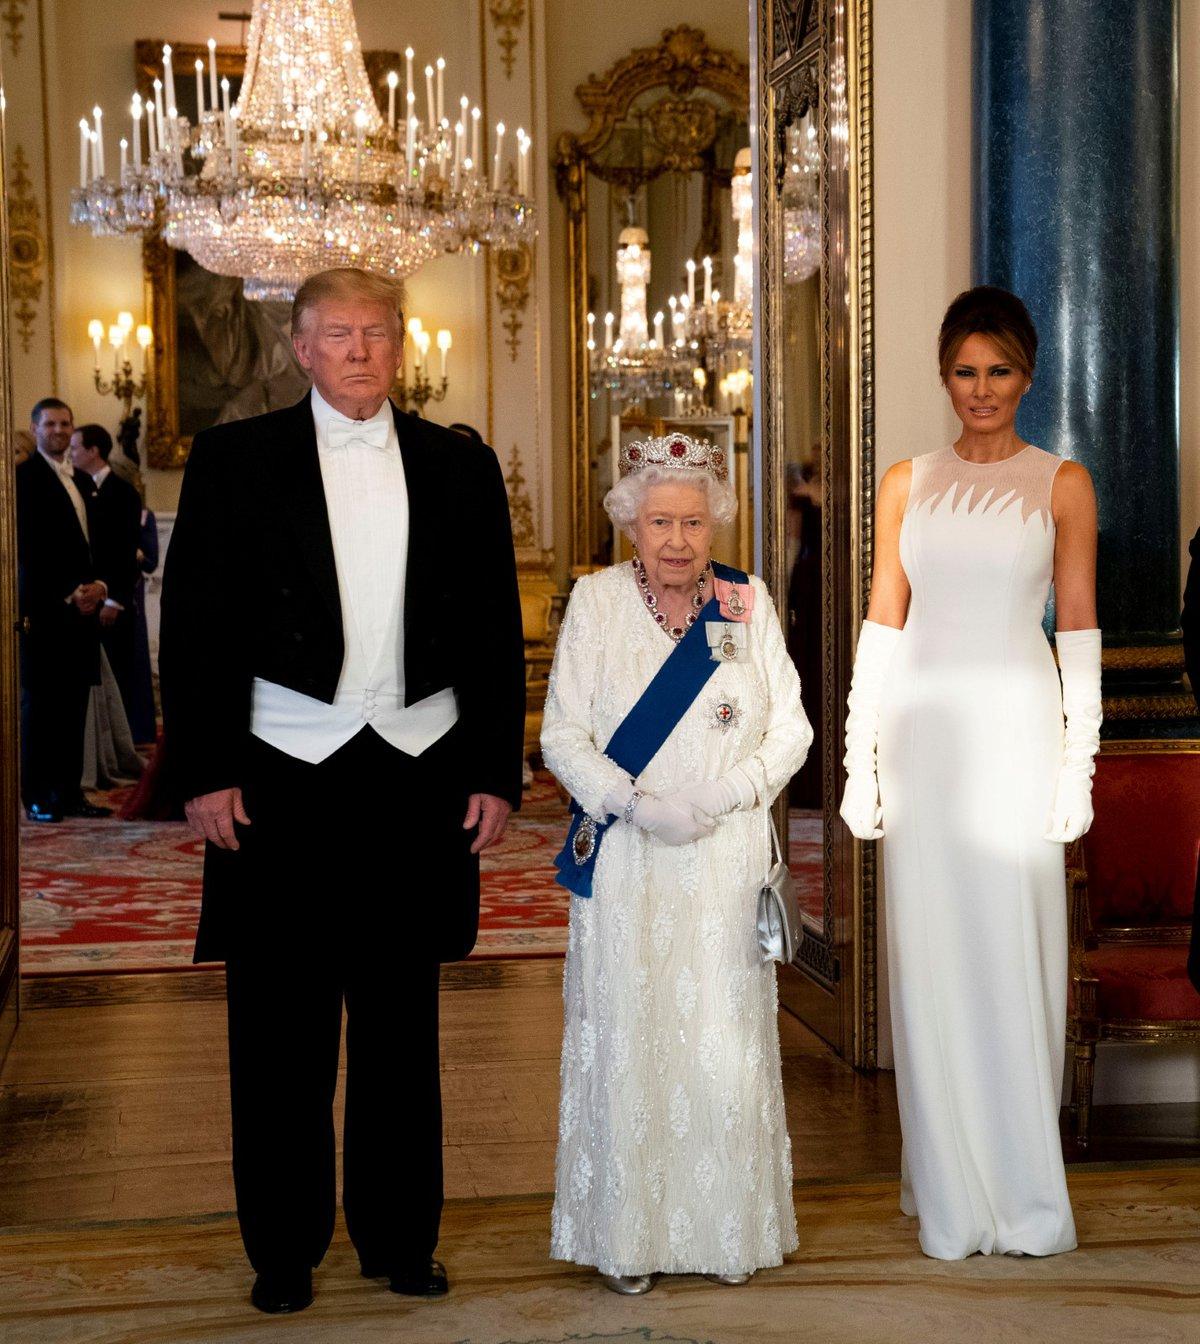 Americký prezident Donald Trump a britská královna Alžběta II. a manželka prezidenta Melania Trumpová během slavnostního banketu v Buckinghamském paláci, které slouží jako sídlo britského panovníka (3.6.2019)